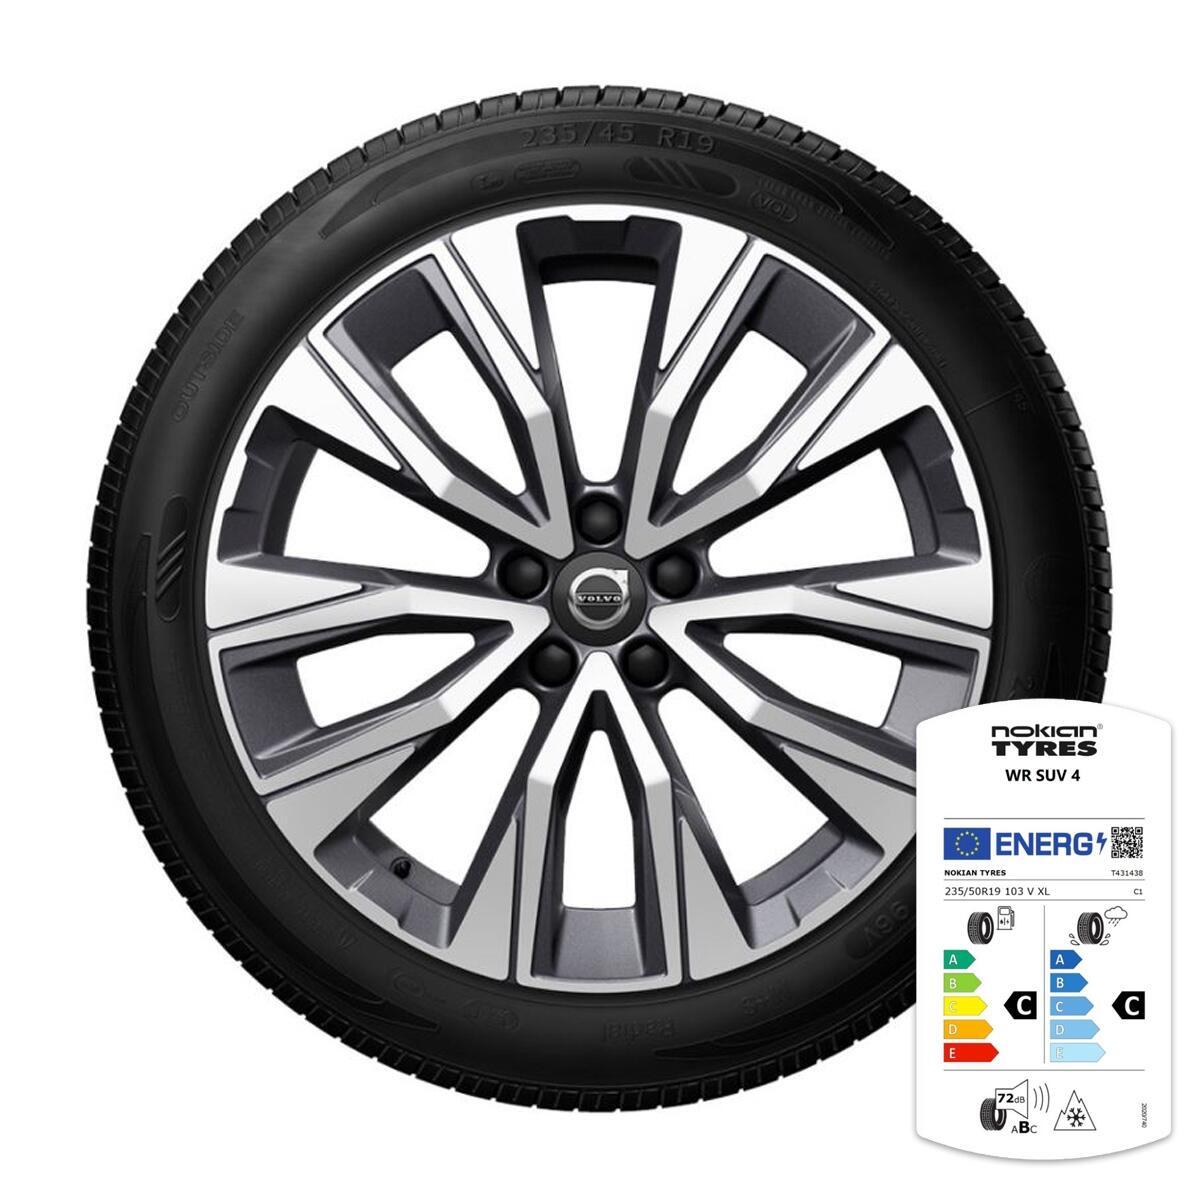 Komplet zimskih kotača: 19'', gume Nokian